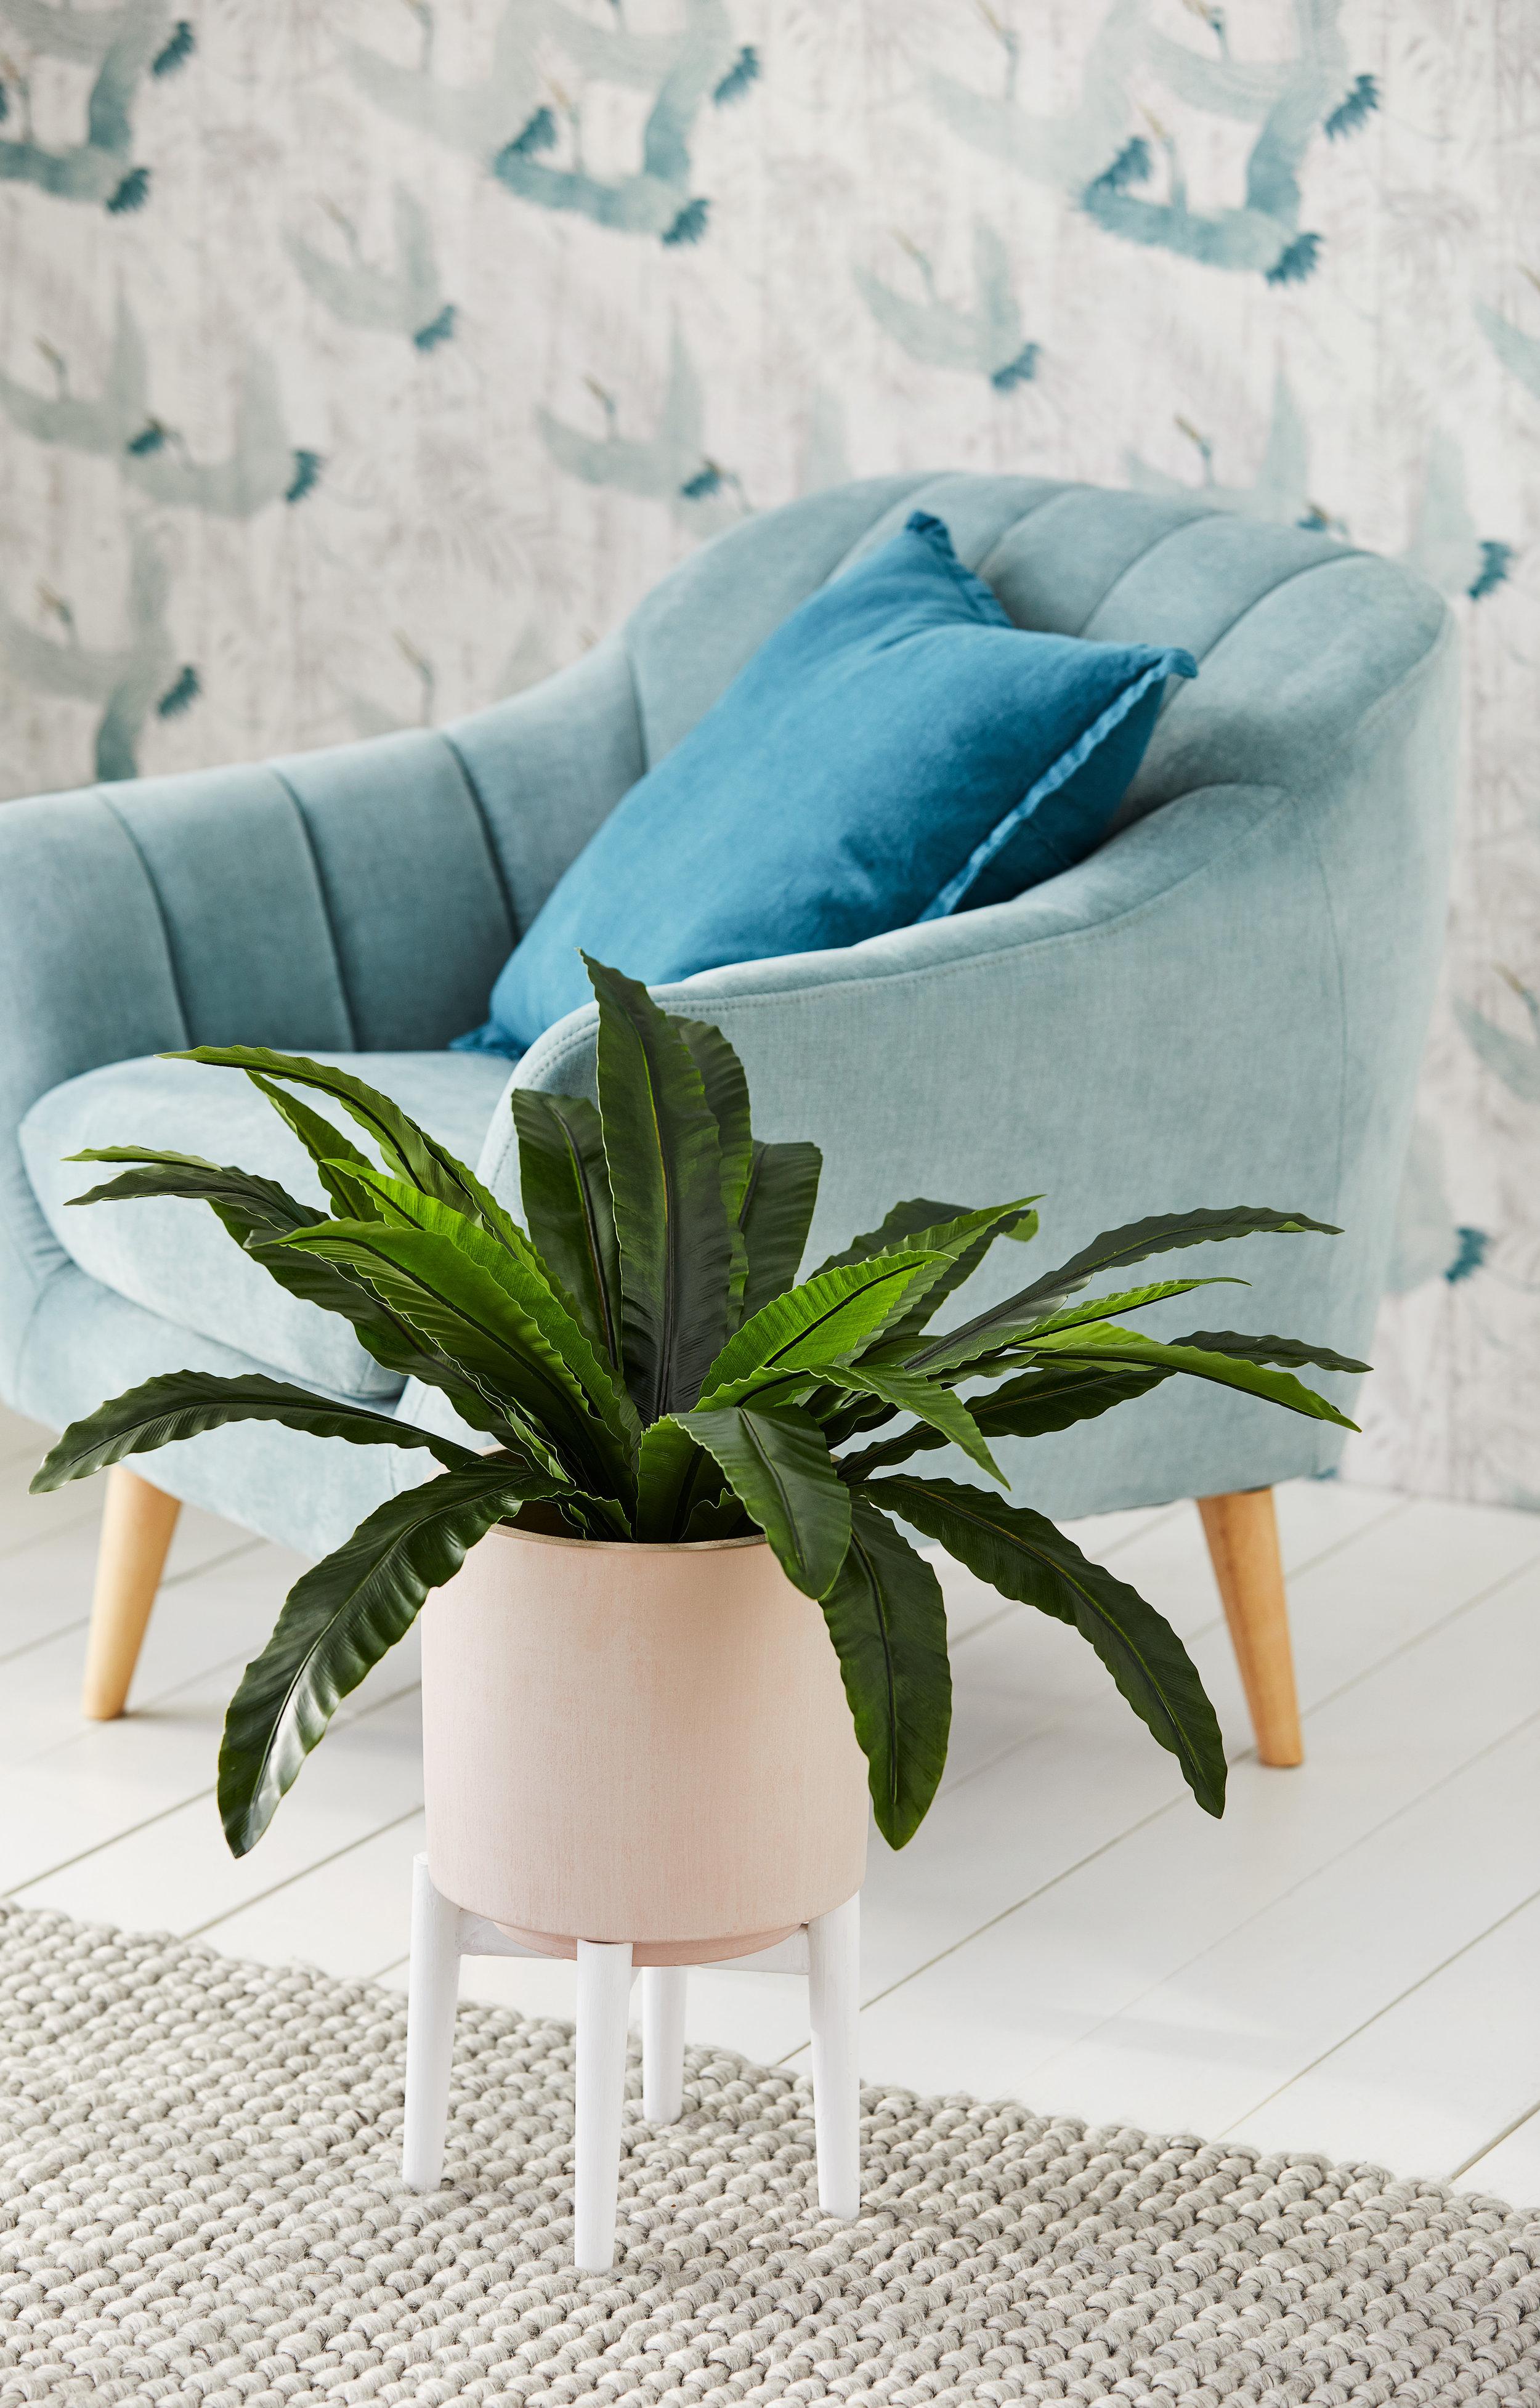 Little-Liberty_Teal-Story_Kensington-Chair_Detail-02_SS18.jpg